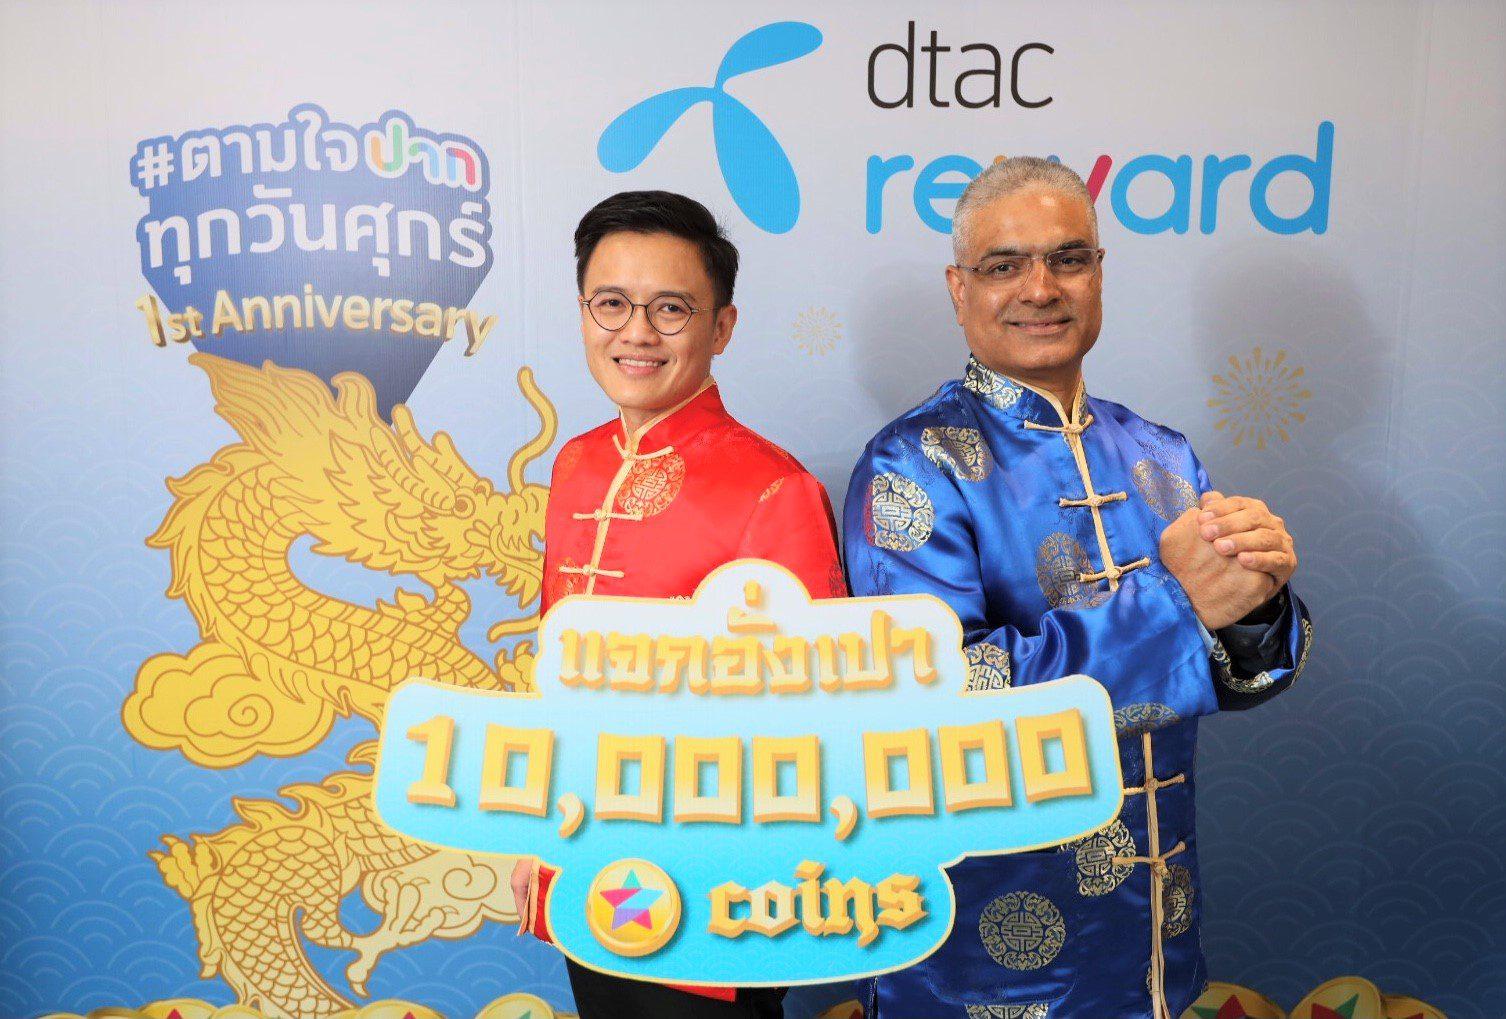 ลูกค้าดีแทคฟินอยู่บ้านรับความคุ้มทั้งกิน ทั้งดื่ม จากดีแทค รีวอร์ด ตามใจปากทุกวันศุกร์ แจกอั่งเปา 10 ล้าน coins ฉลองตรุษจีนปีฉลูทอง